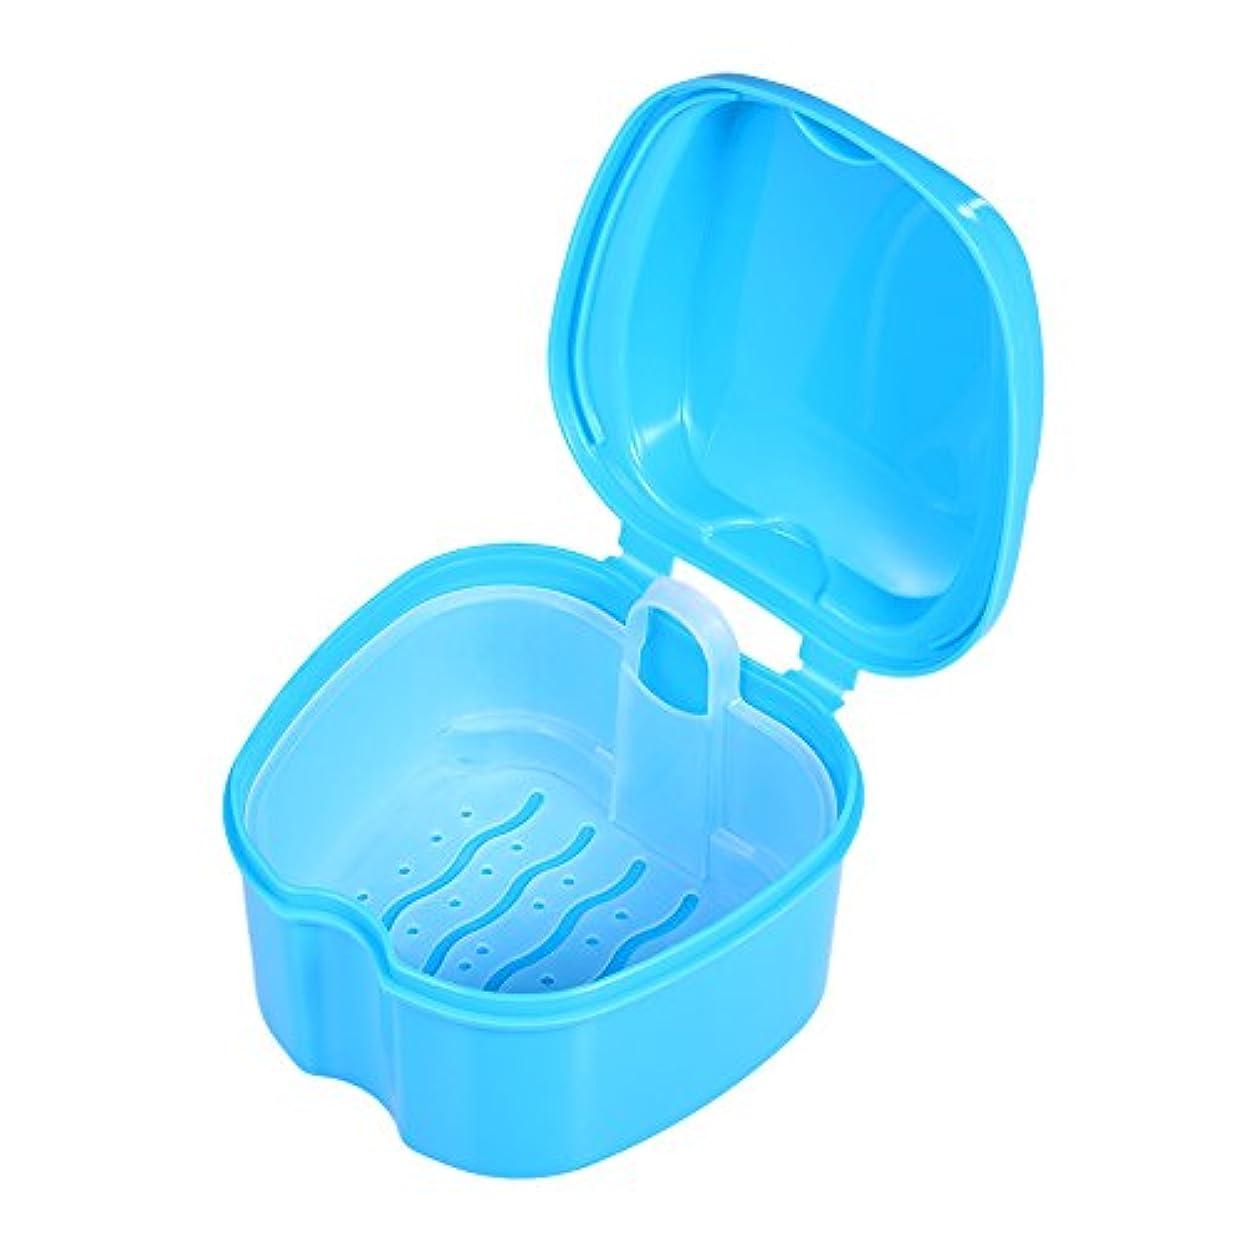 それる動機甘くするDecdeal 歯のボックスケース 偽の歯のストレージボックス 歯のクリーニングコンテナ リンスバスケット リテーナーアプライアンスホルダートレイ